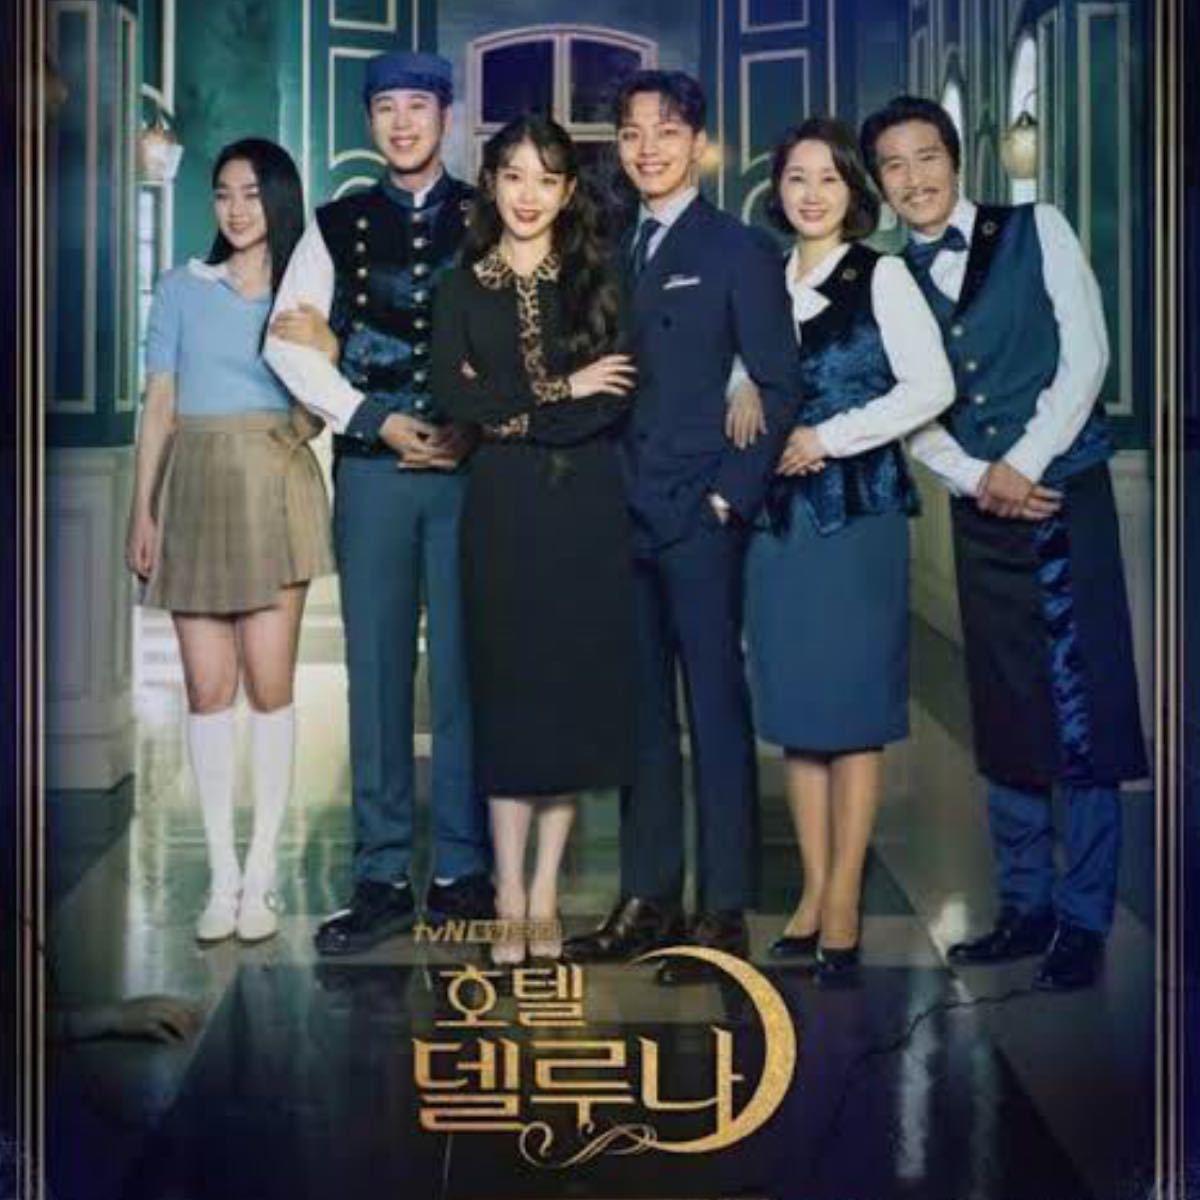 韓国ドラマ【ホテルデルーナ】全話収録 Blu-ray ブルーレイ